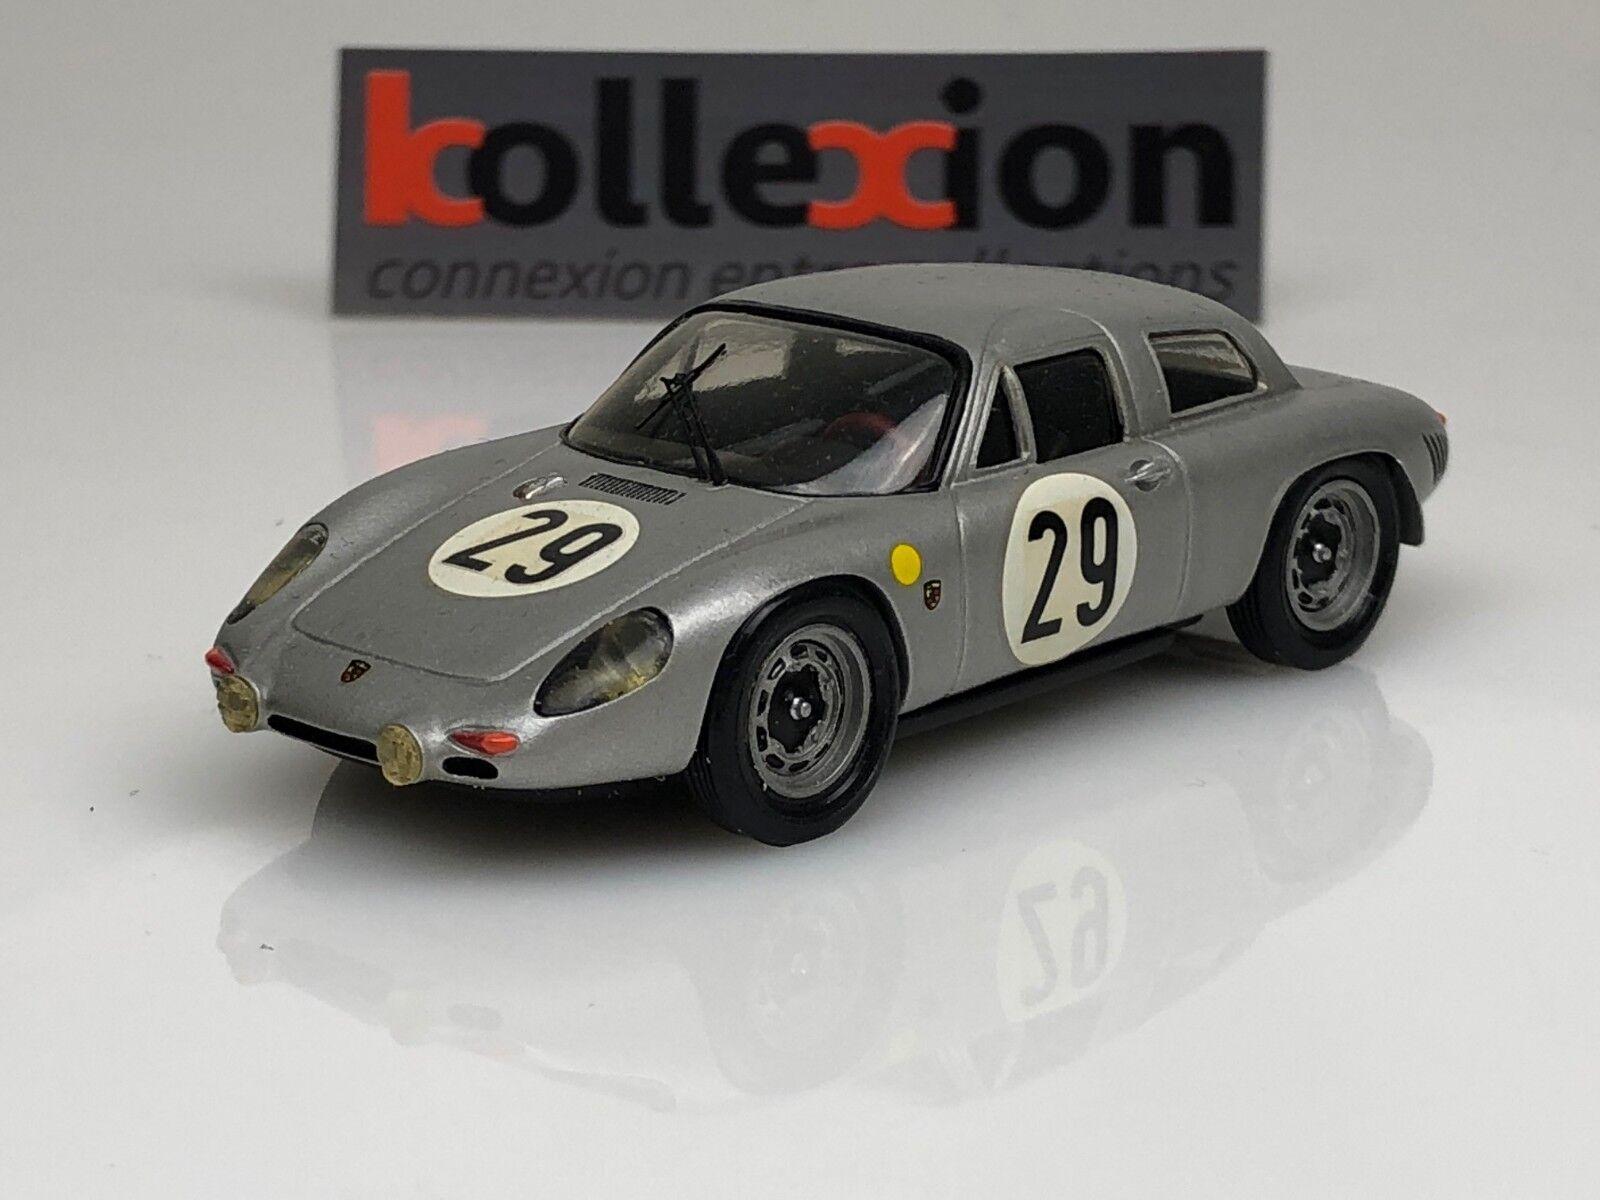 STARTER PORSCHE 2000 GS n°29 Le Mans 1963 G. Koch - CG de Beaufort 1.43